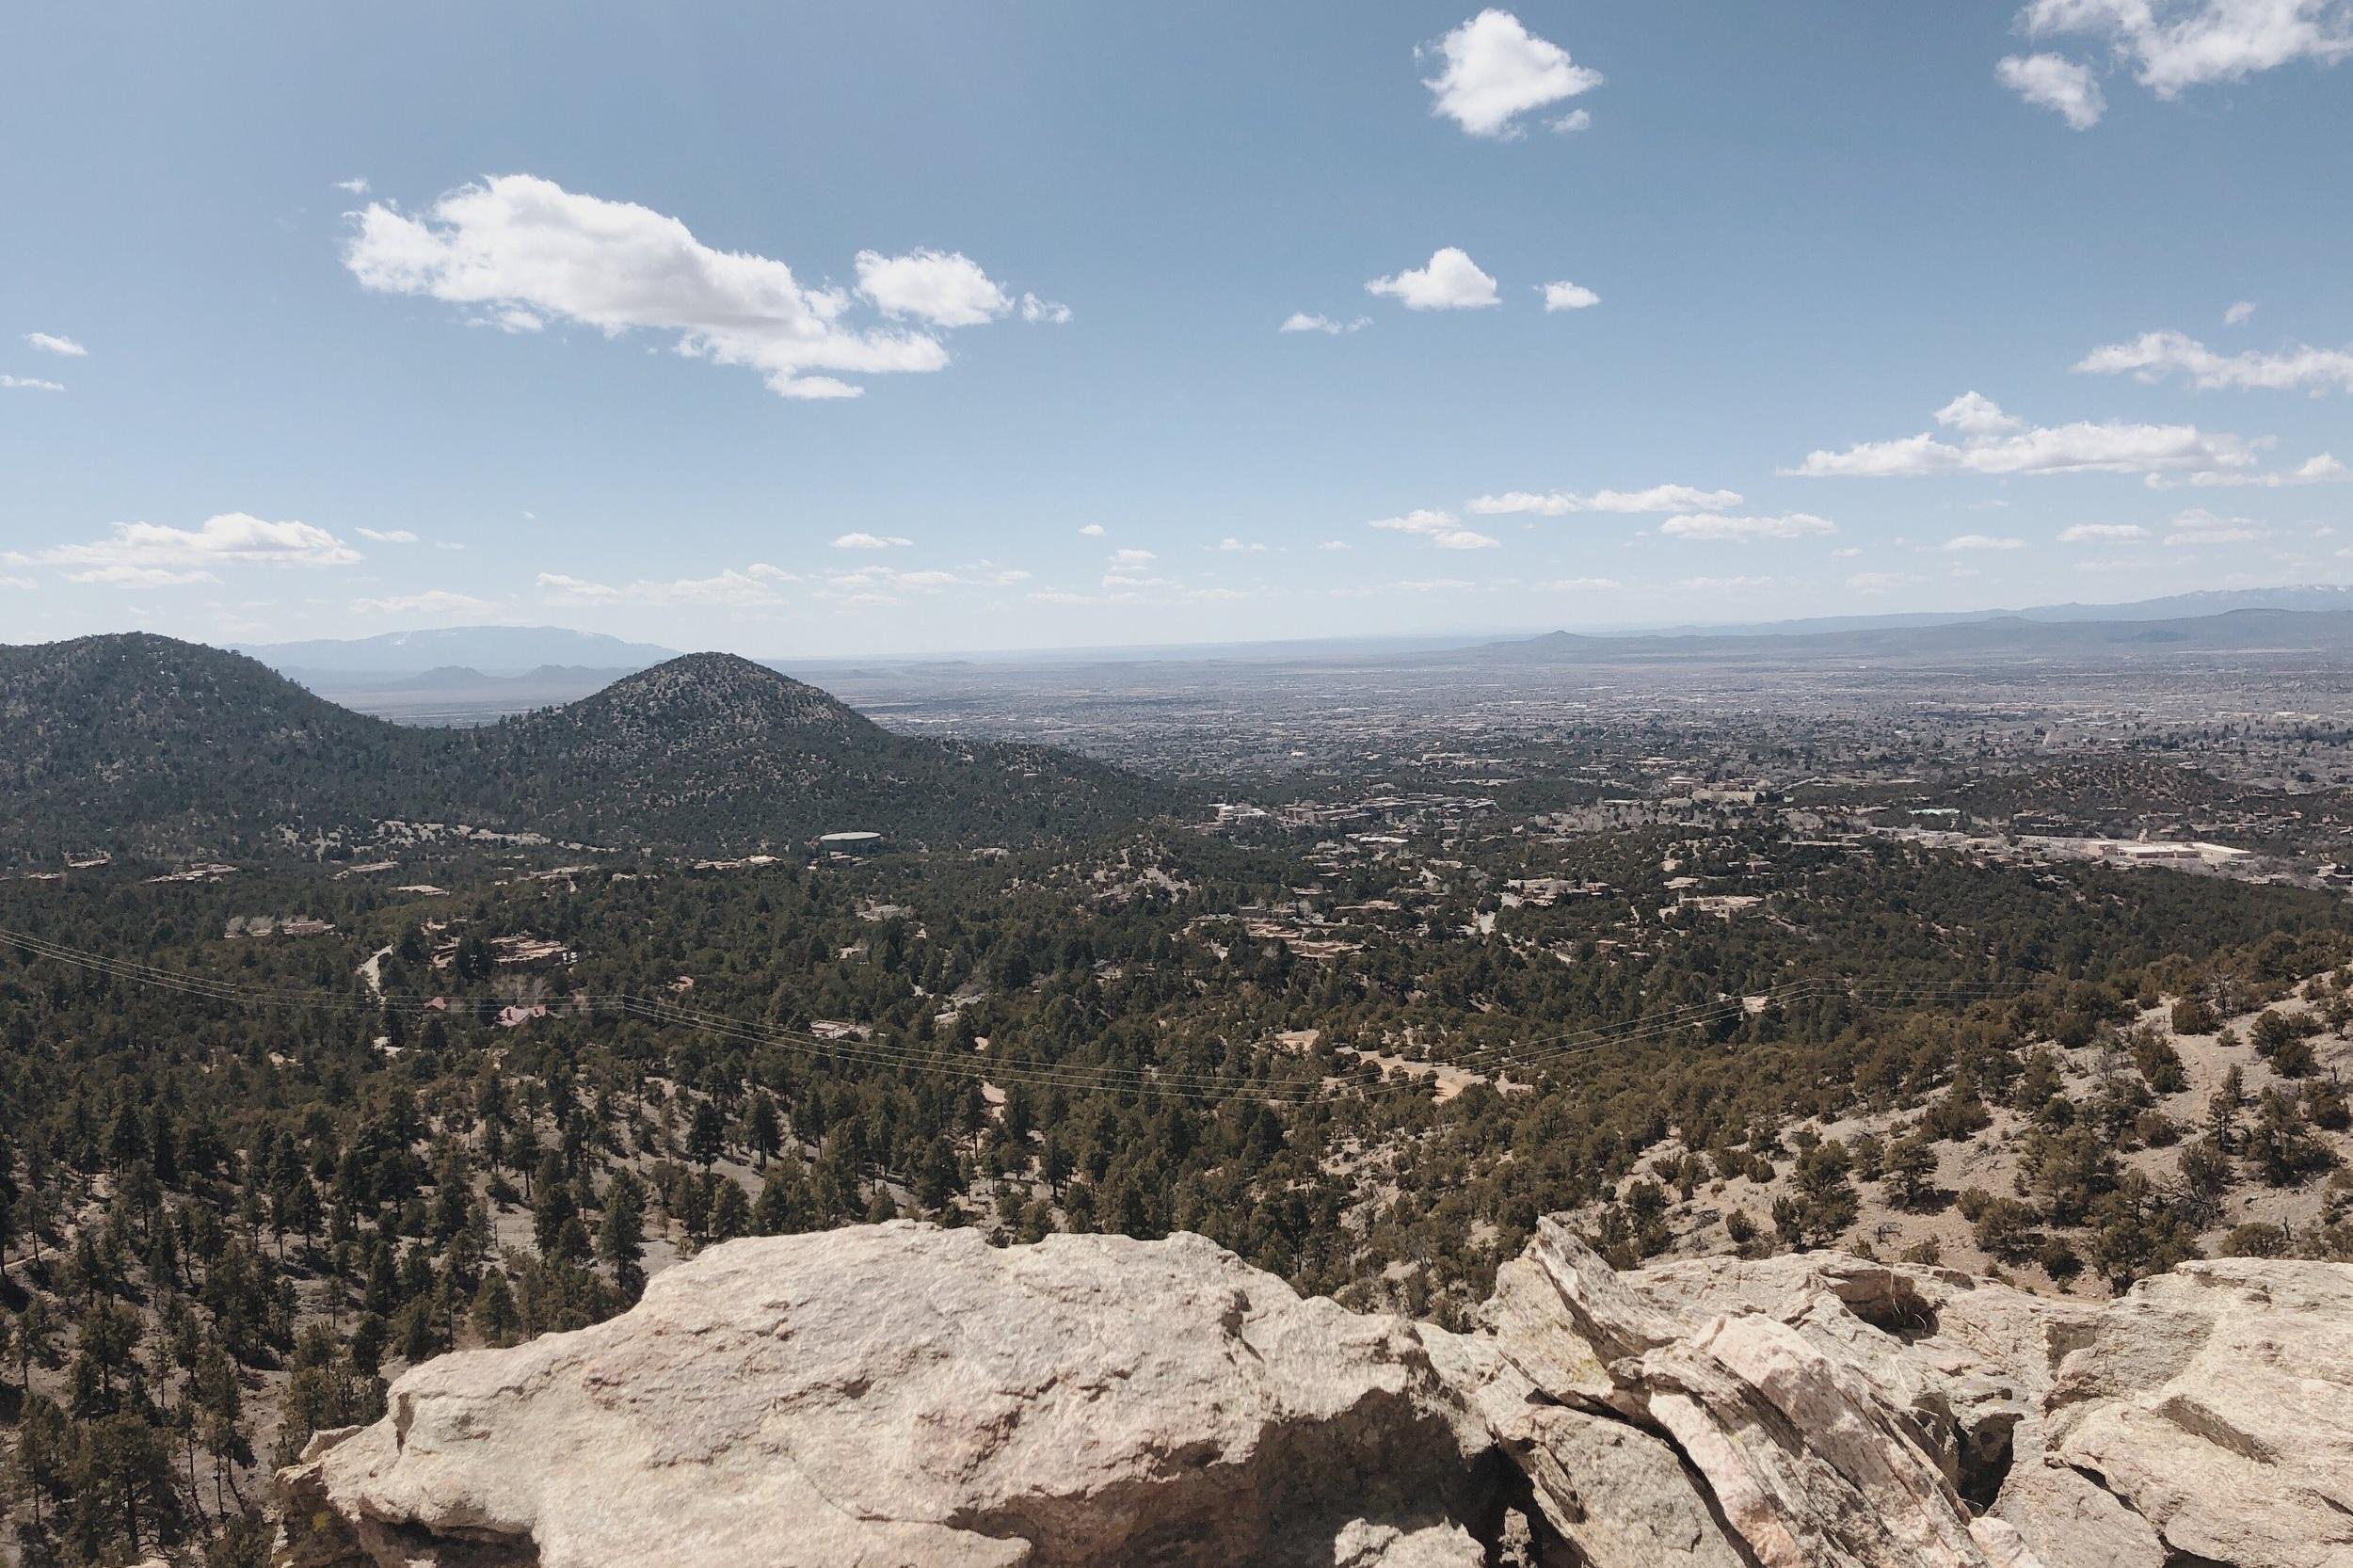 Santa Fe from above.